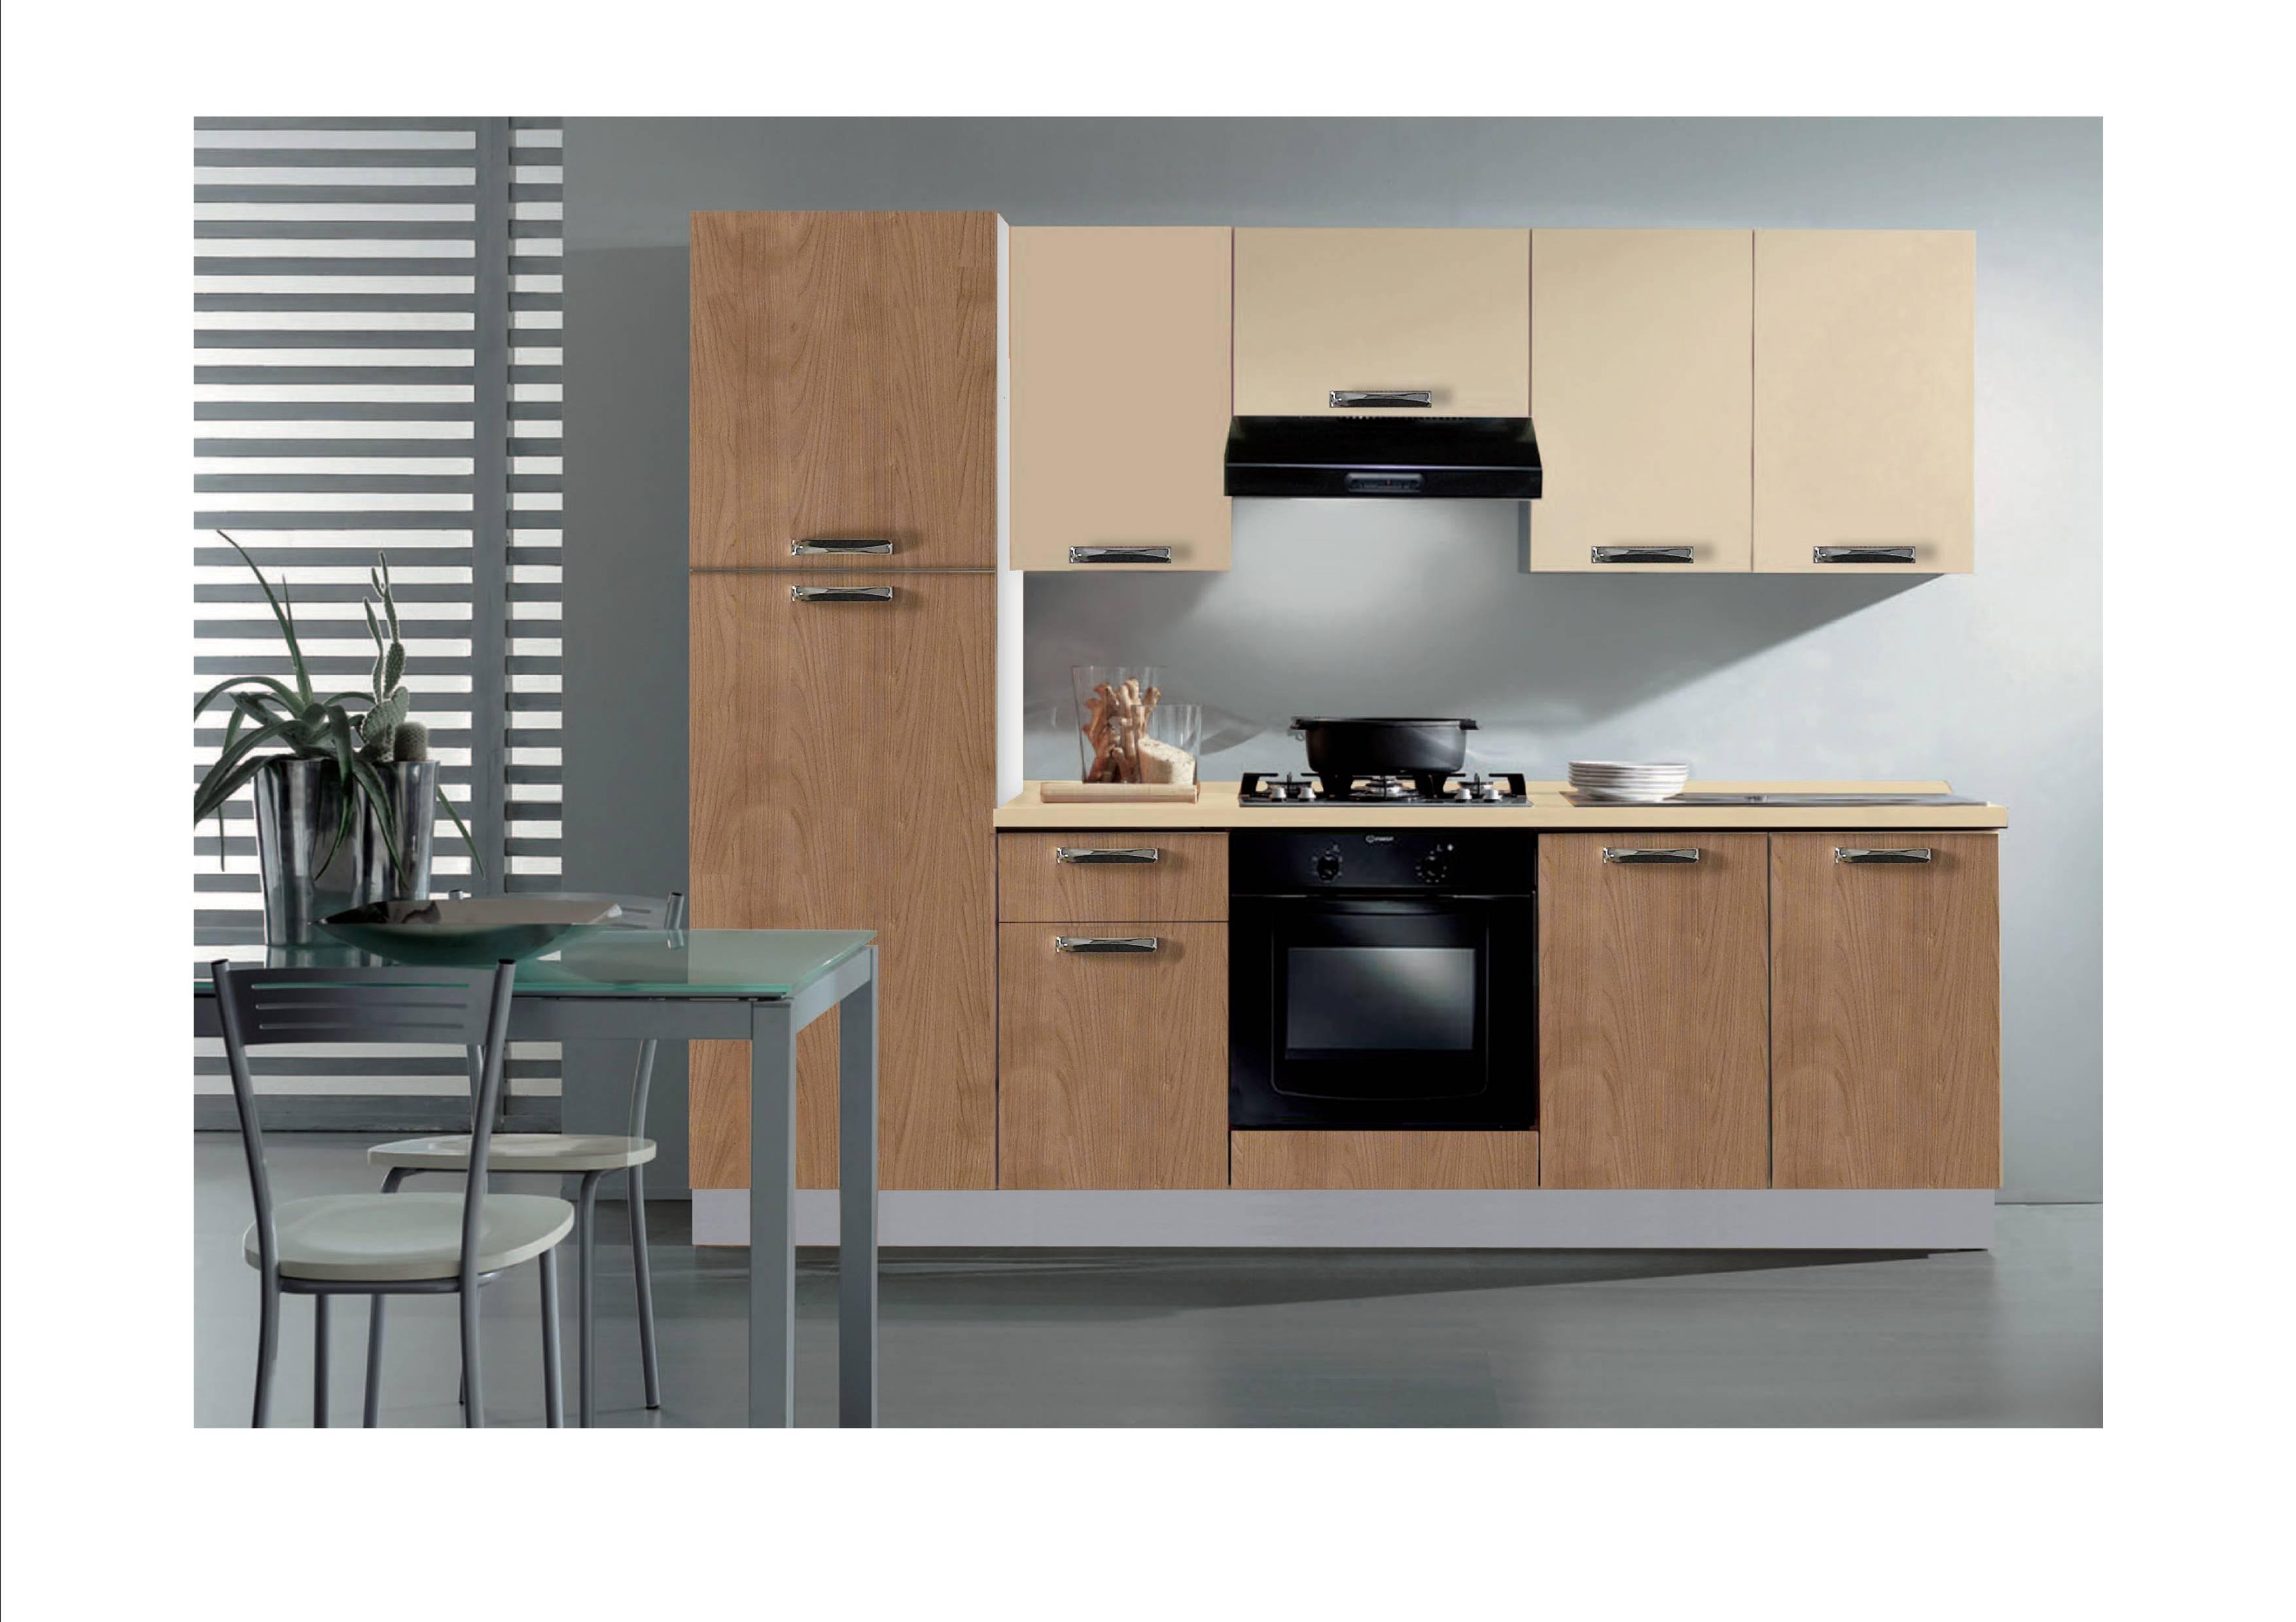 Cucine md2 arredamenti for Arredamenti md